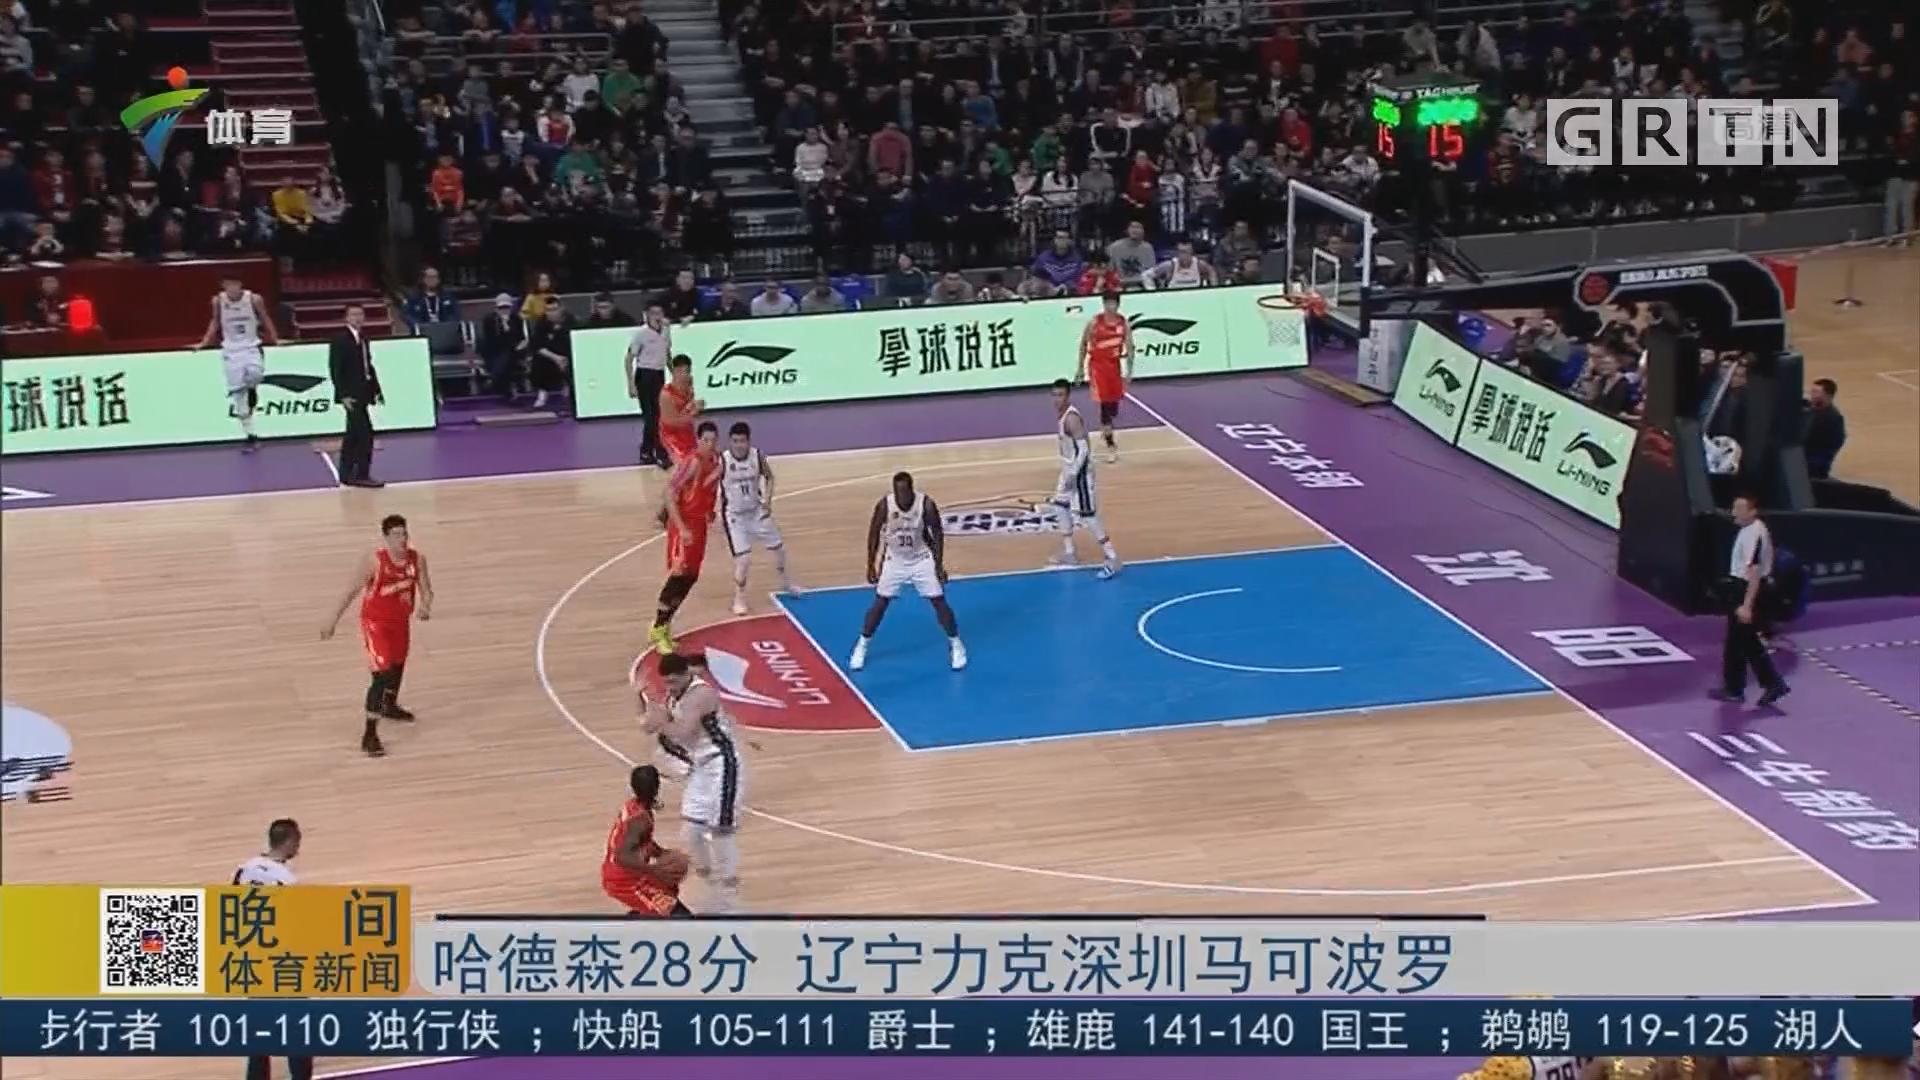 哈德森28分 遼寧力克深圳馬可波羅